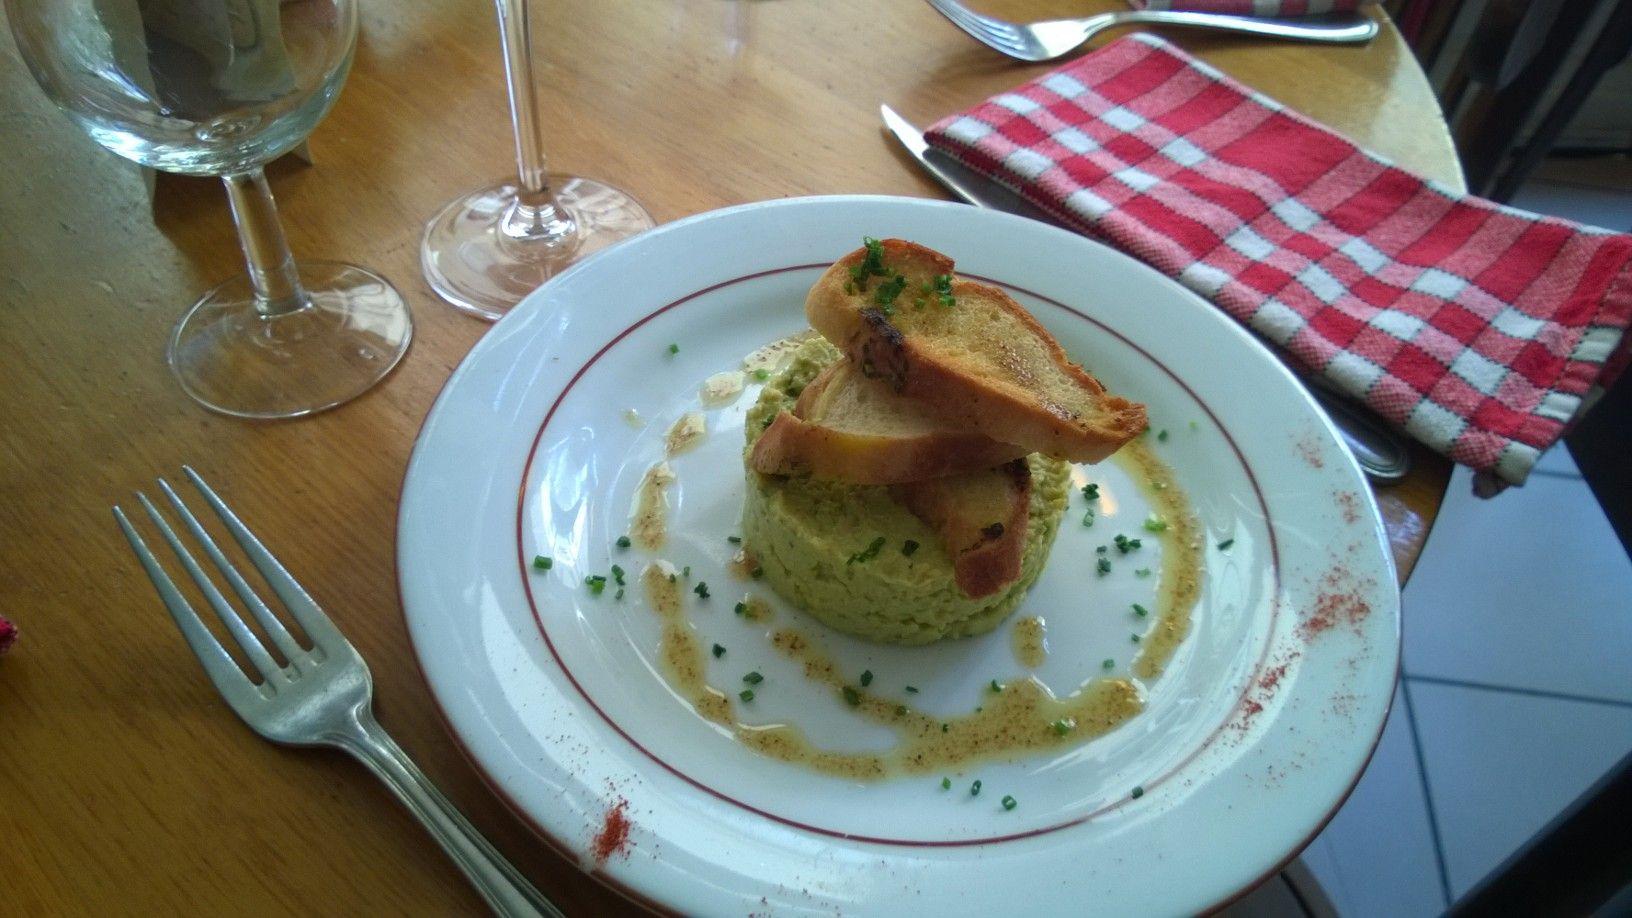 houmous et toasts - Le Picotin Paris restaurant bistrot | Fait maison, Plat, Houmous